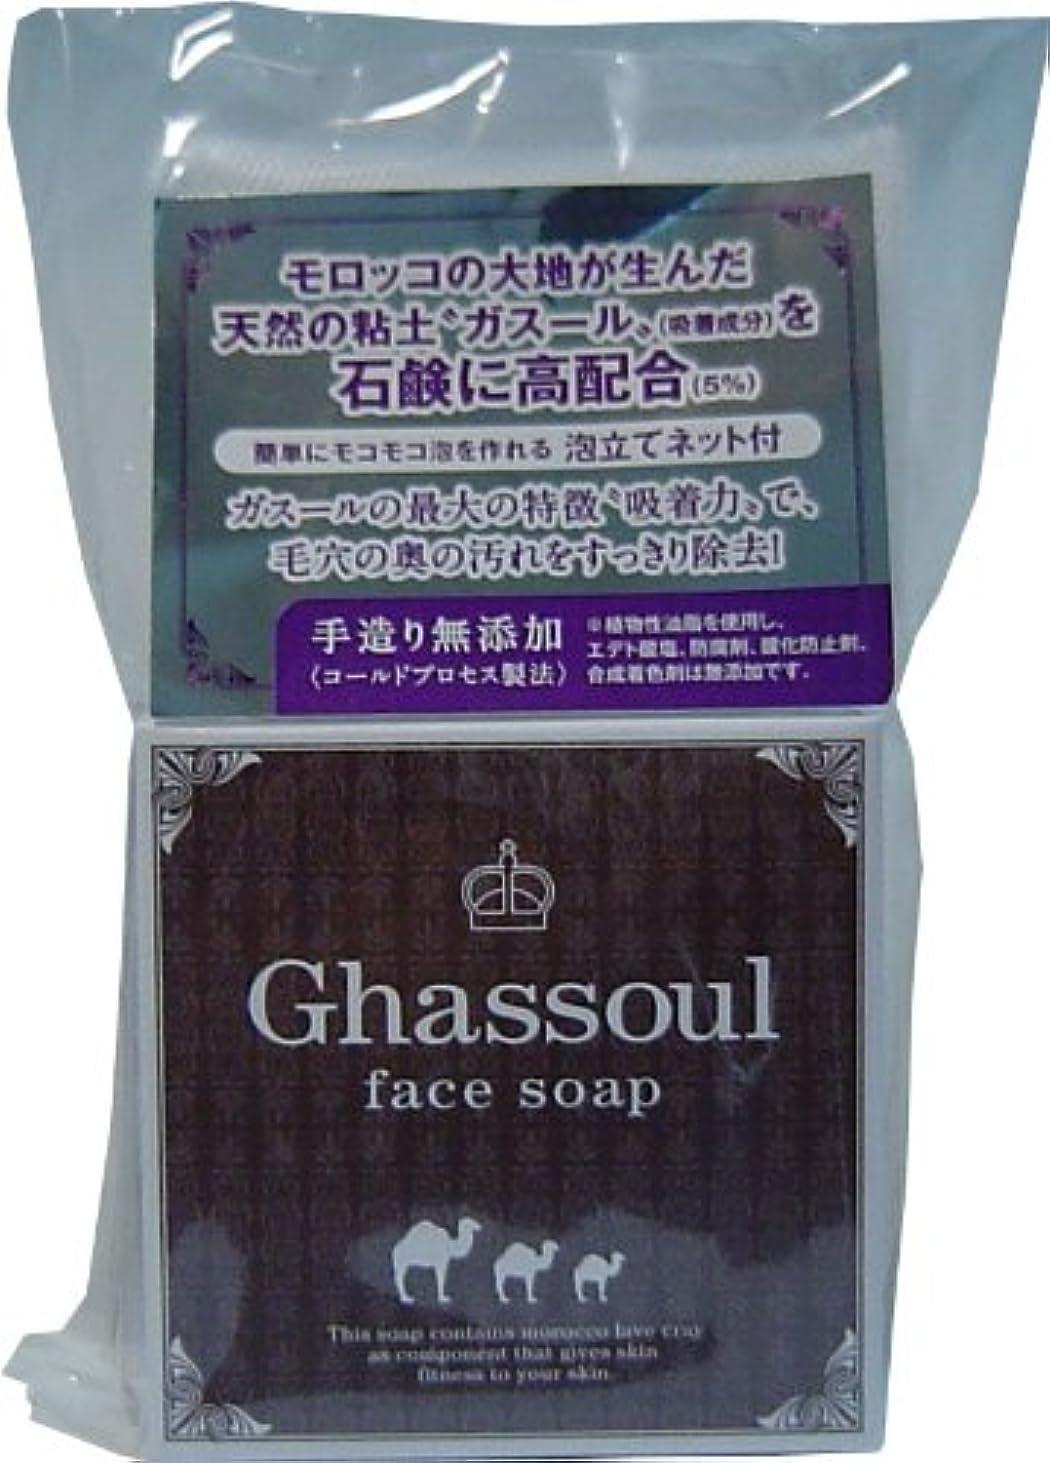 Ghassoul face soap ガスールフェイスソープ 100g ×5個セット